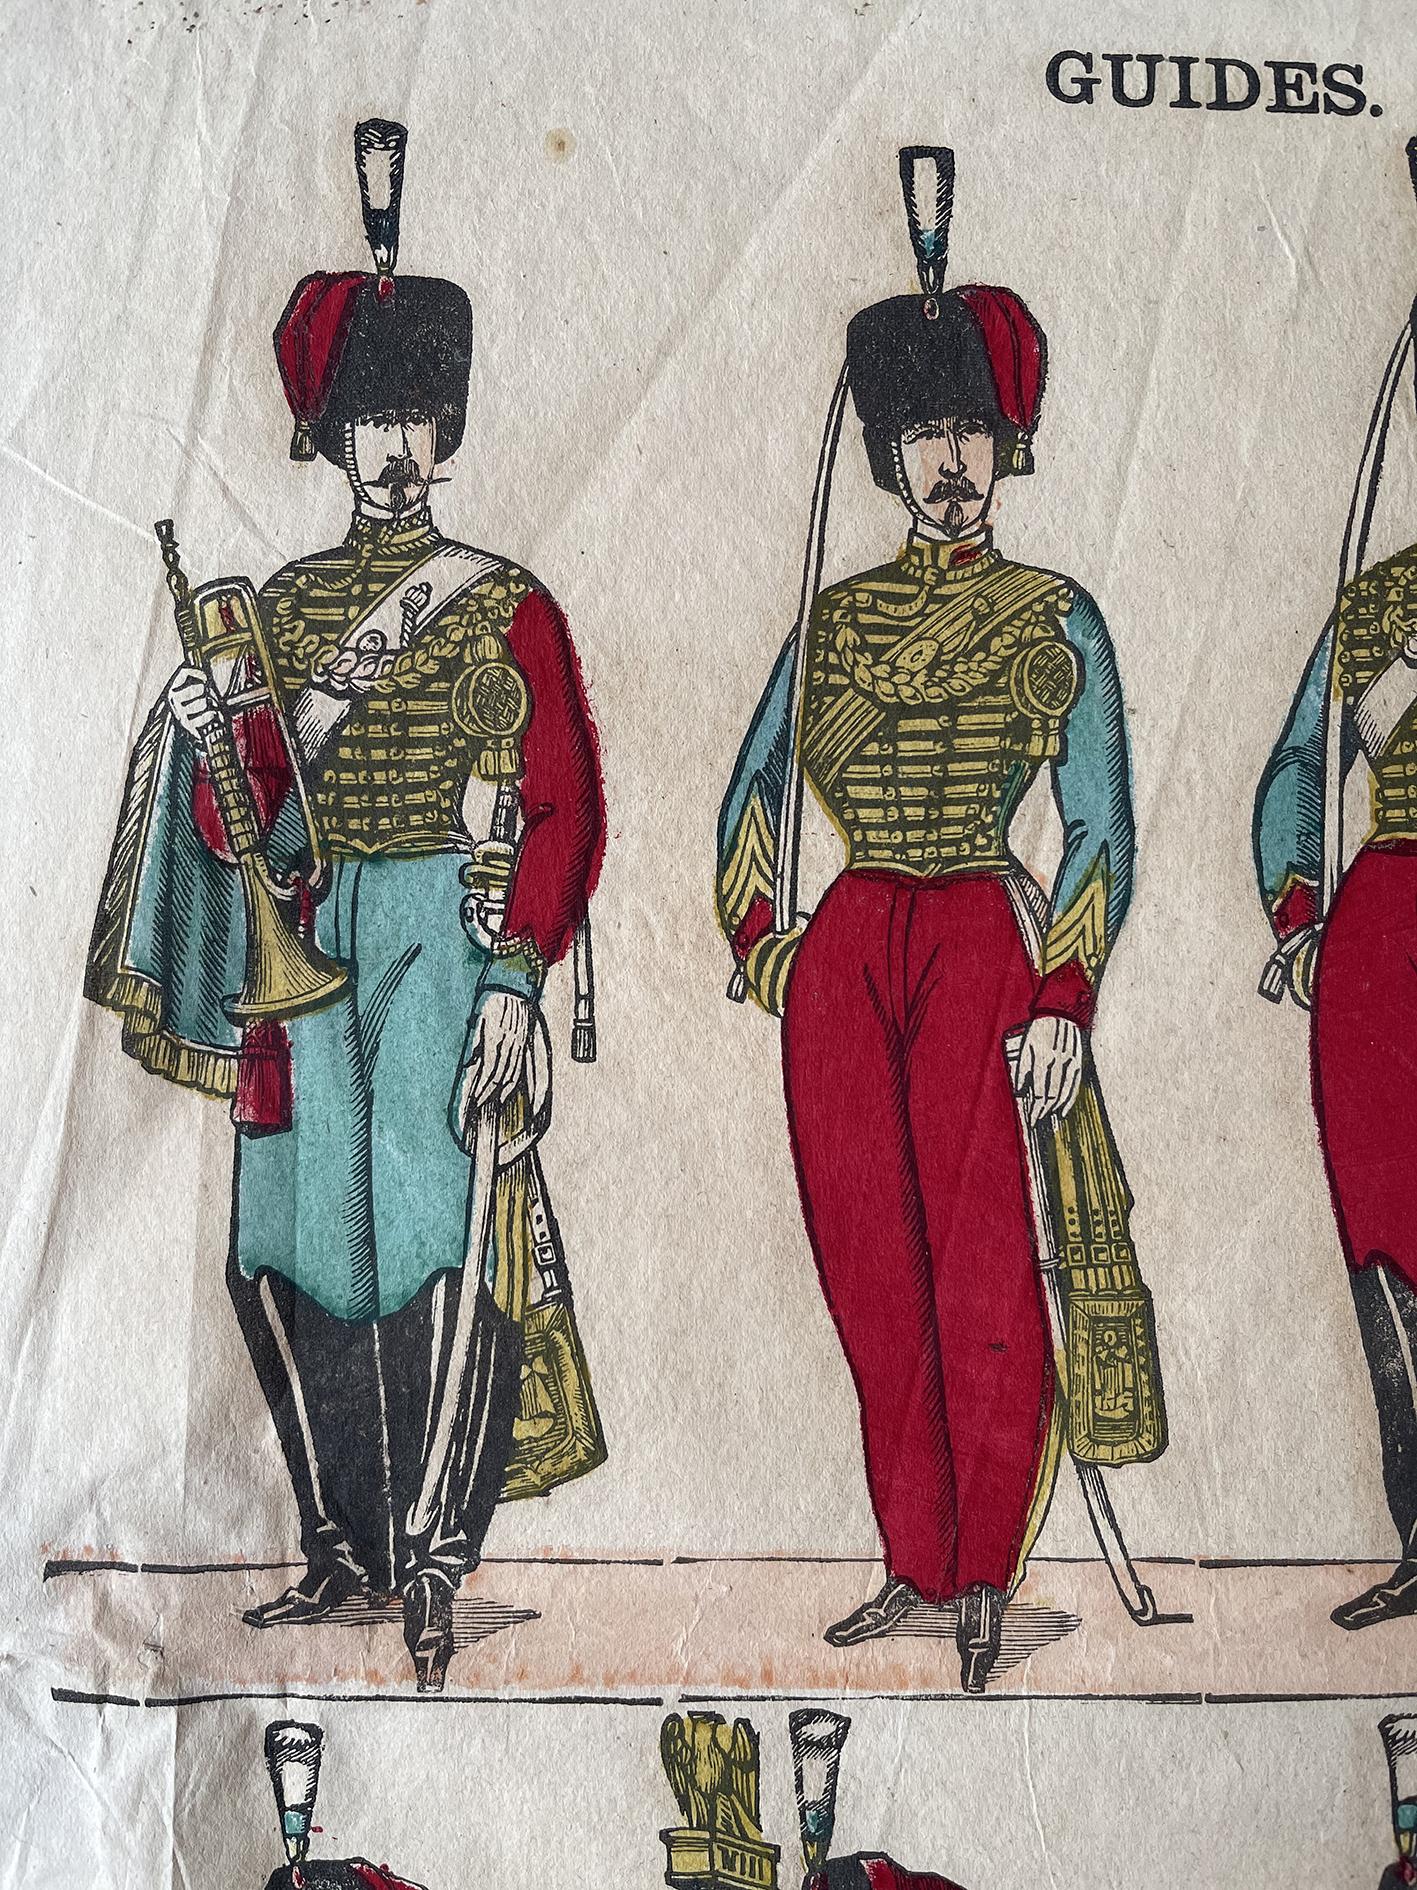 Planche imagerie Epinal - Pellerin Editeur - N°257 - Guides de la garde Impériale - Second Empire - Armée Française